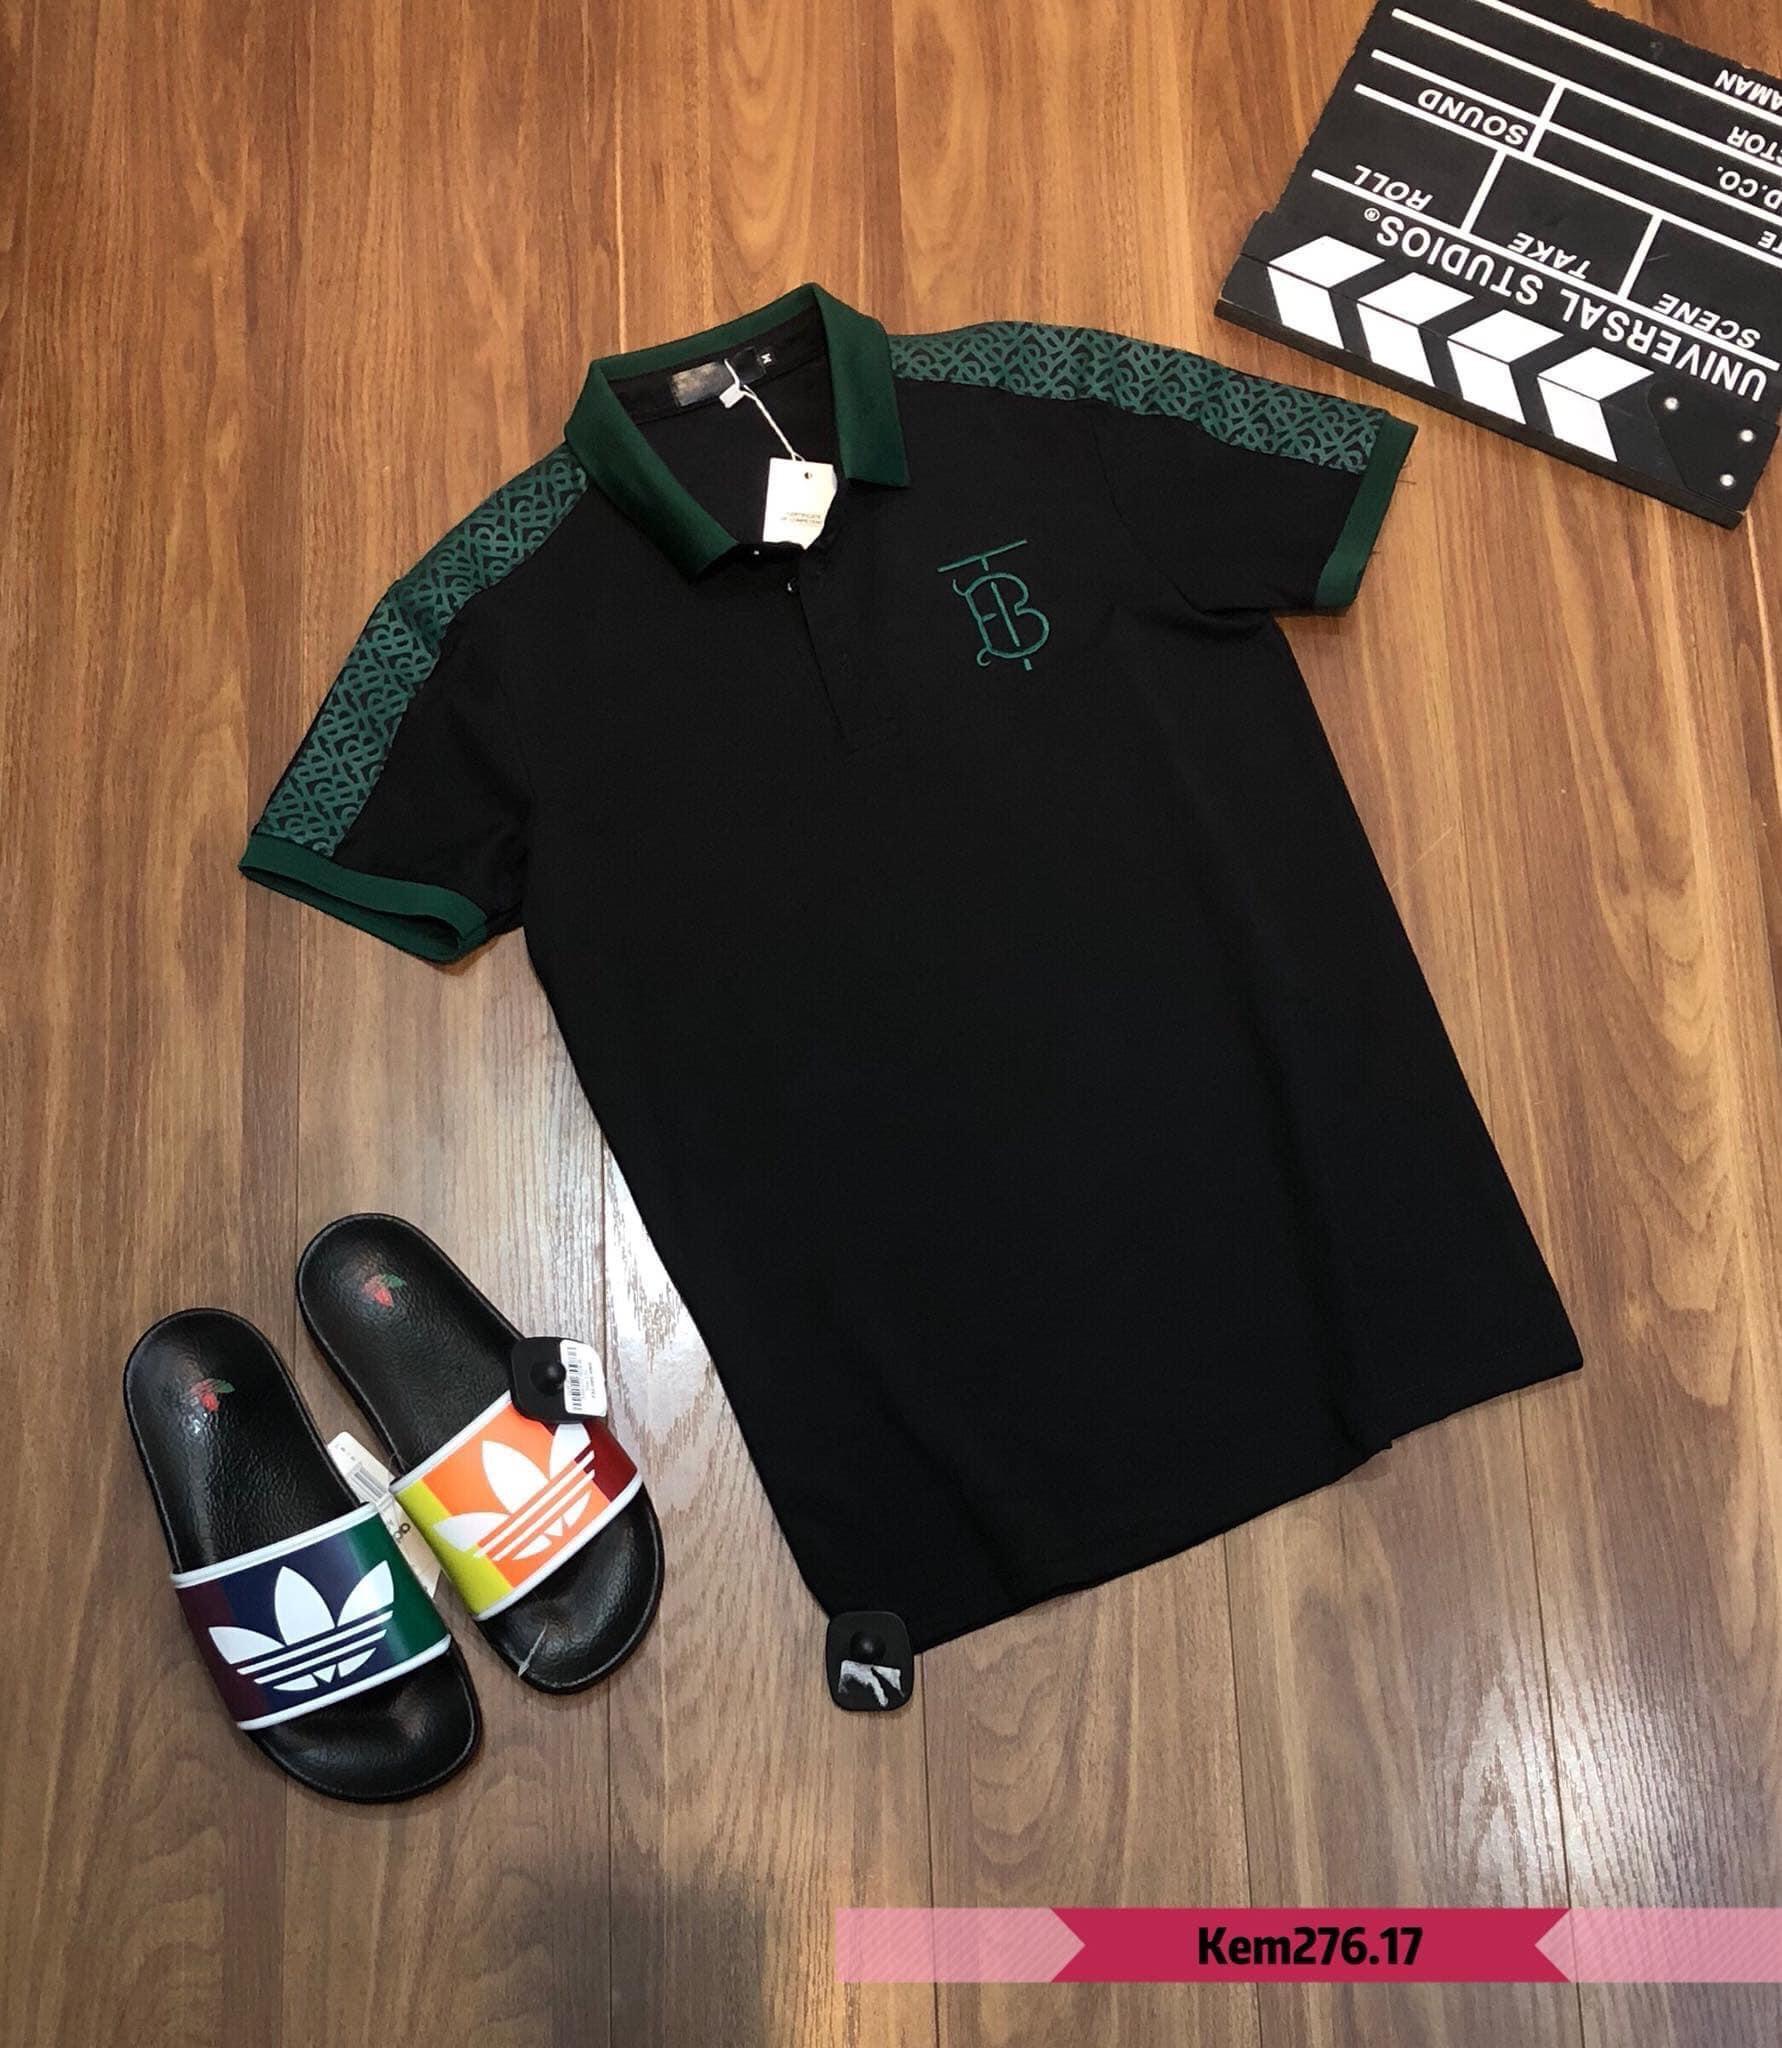 Áo thun nam POLO CỔ XANH  cao cấp, Chất liệu cotton cá sấu, phong cách thể thao , 2 màu trắng đen, full size từ 35-90kg